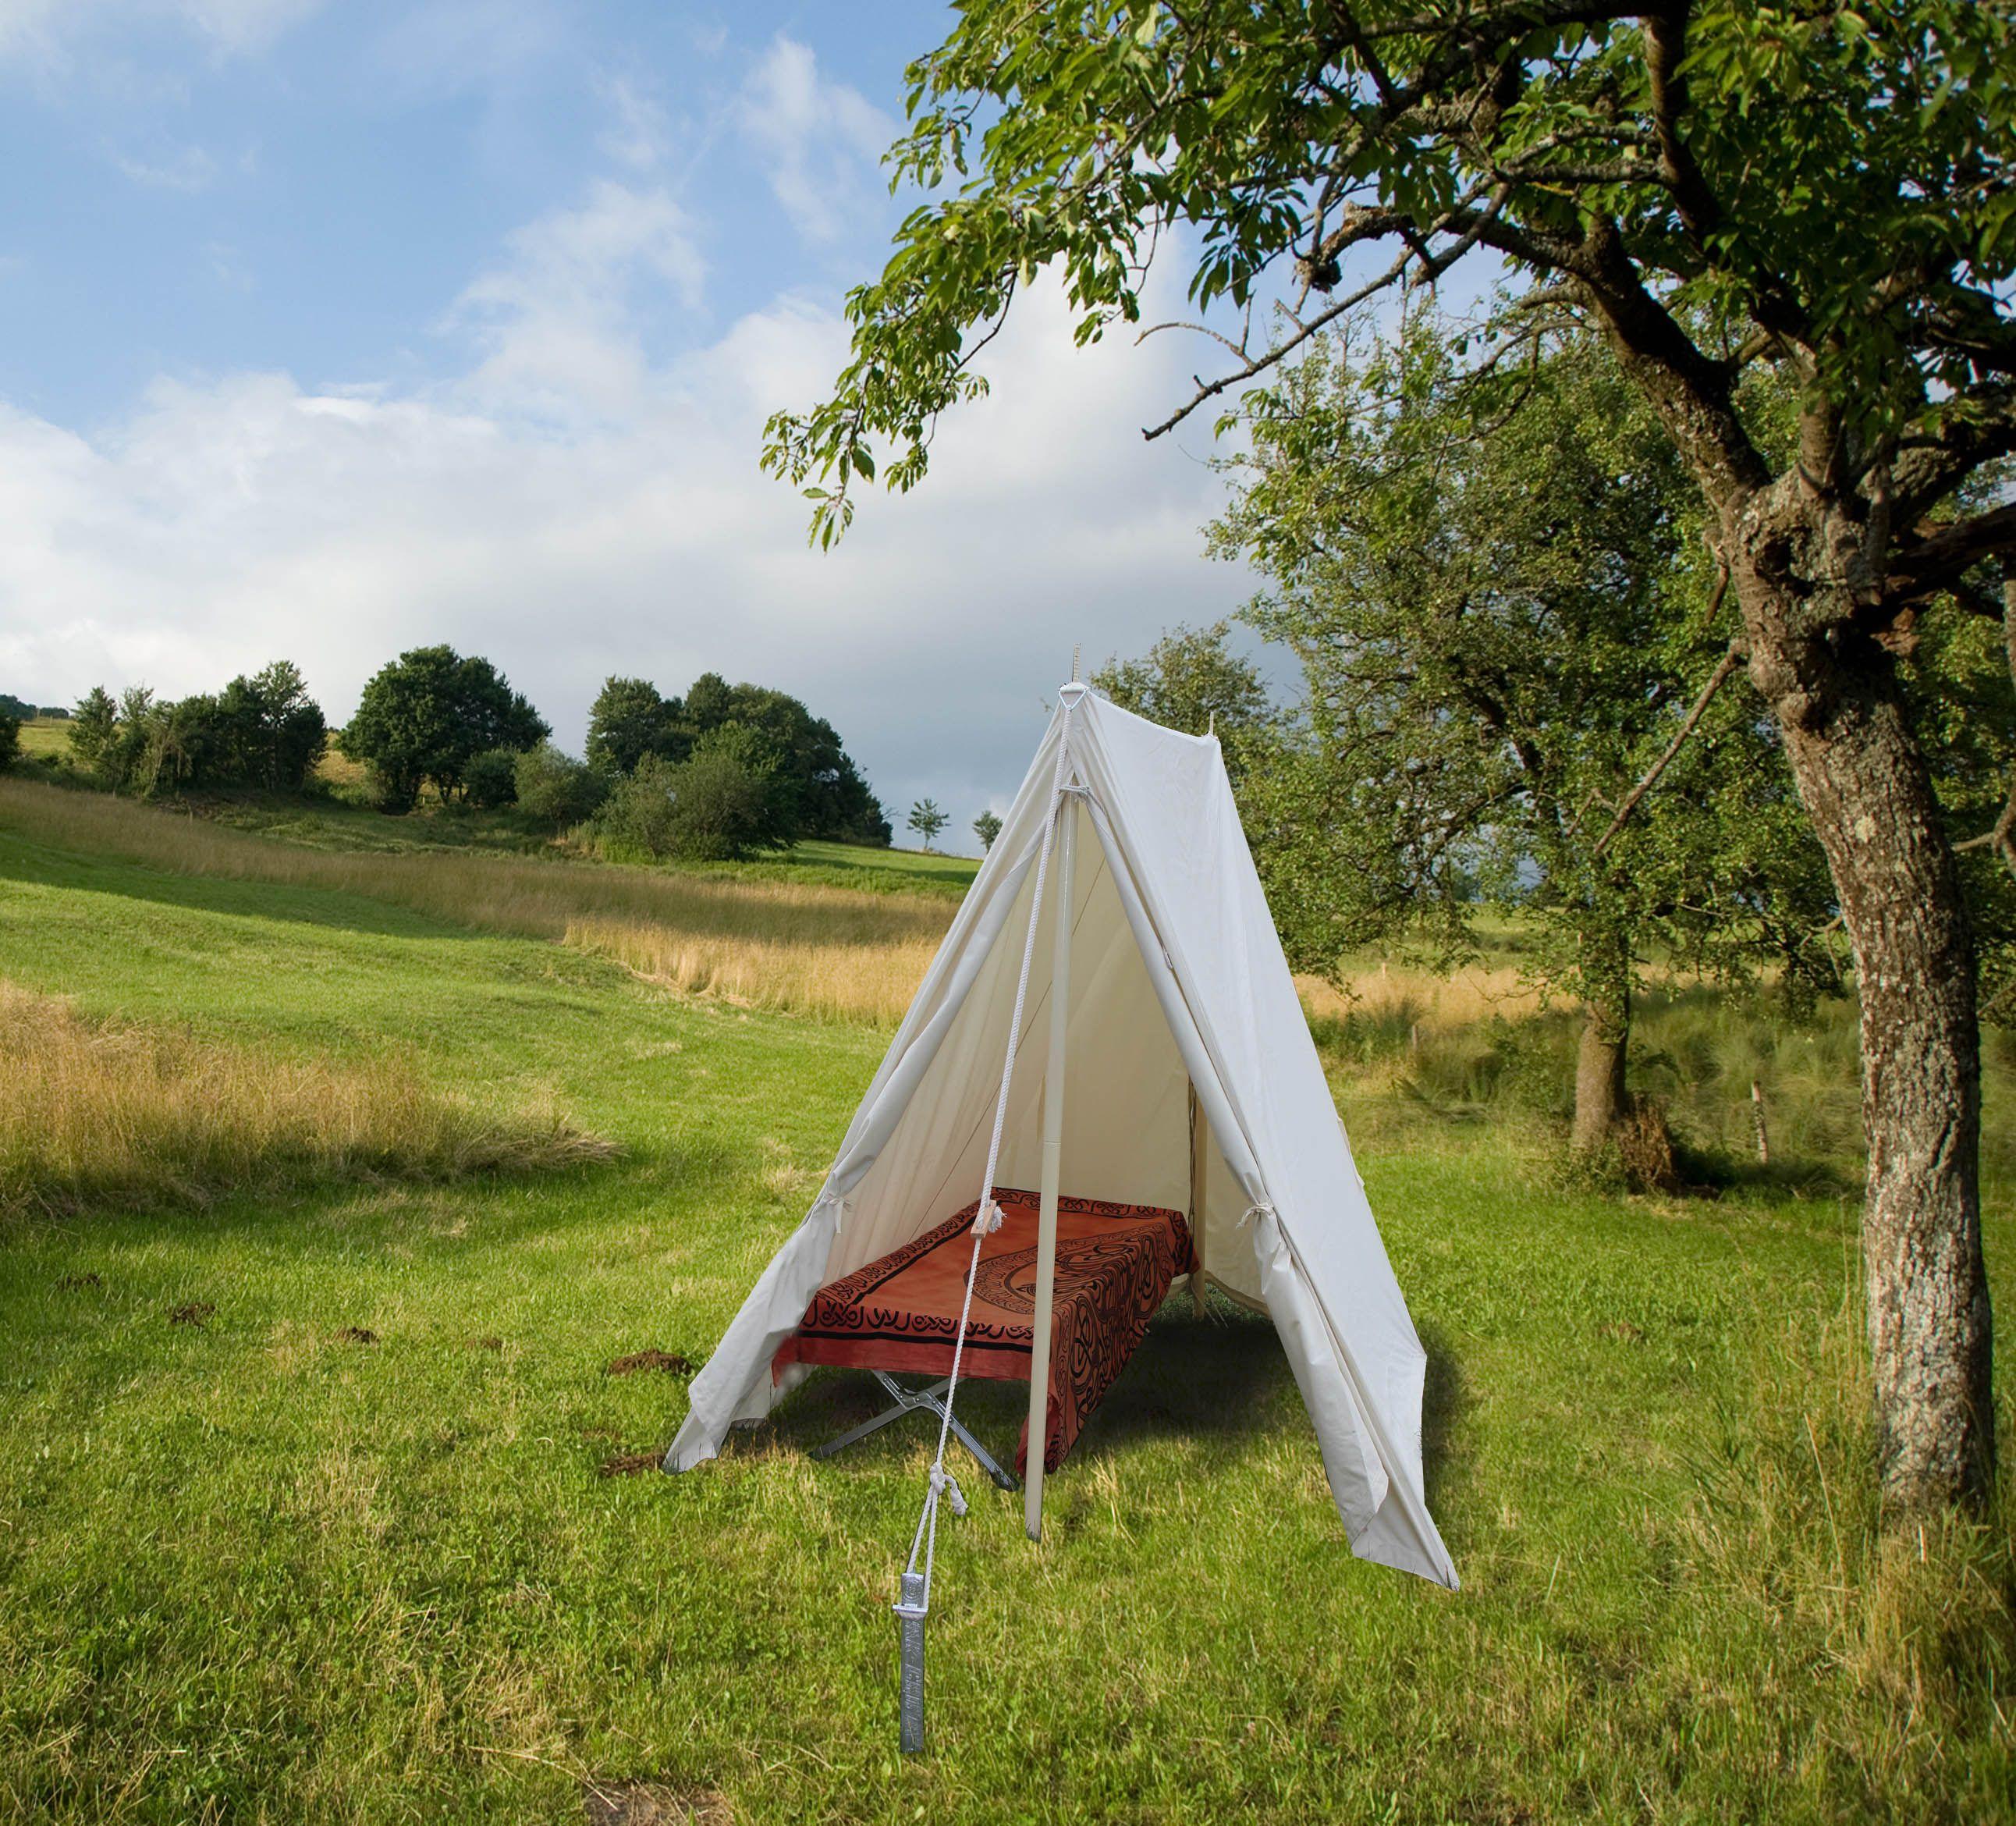 medieval tent Wedge Tent 180 & medieval tent Wedge Tent 180 | Misc | Pinterest | Tents